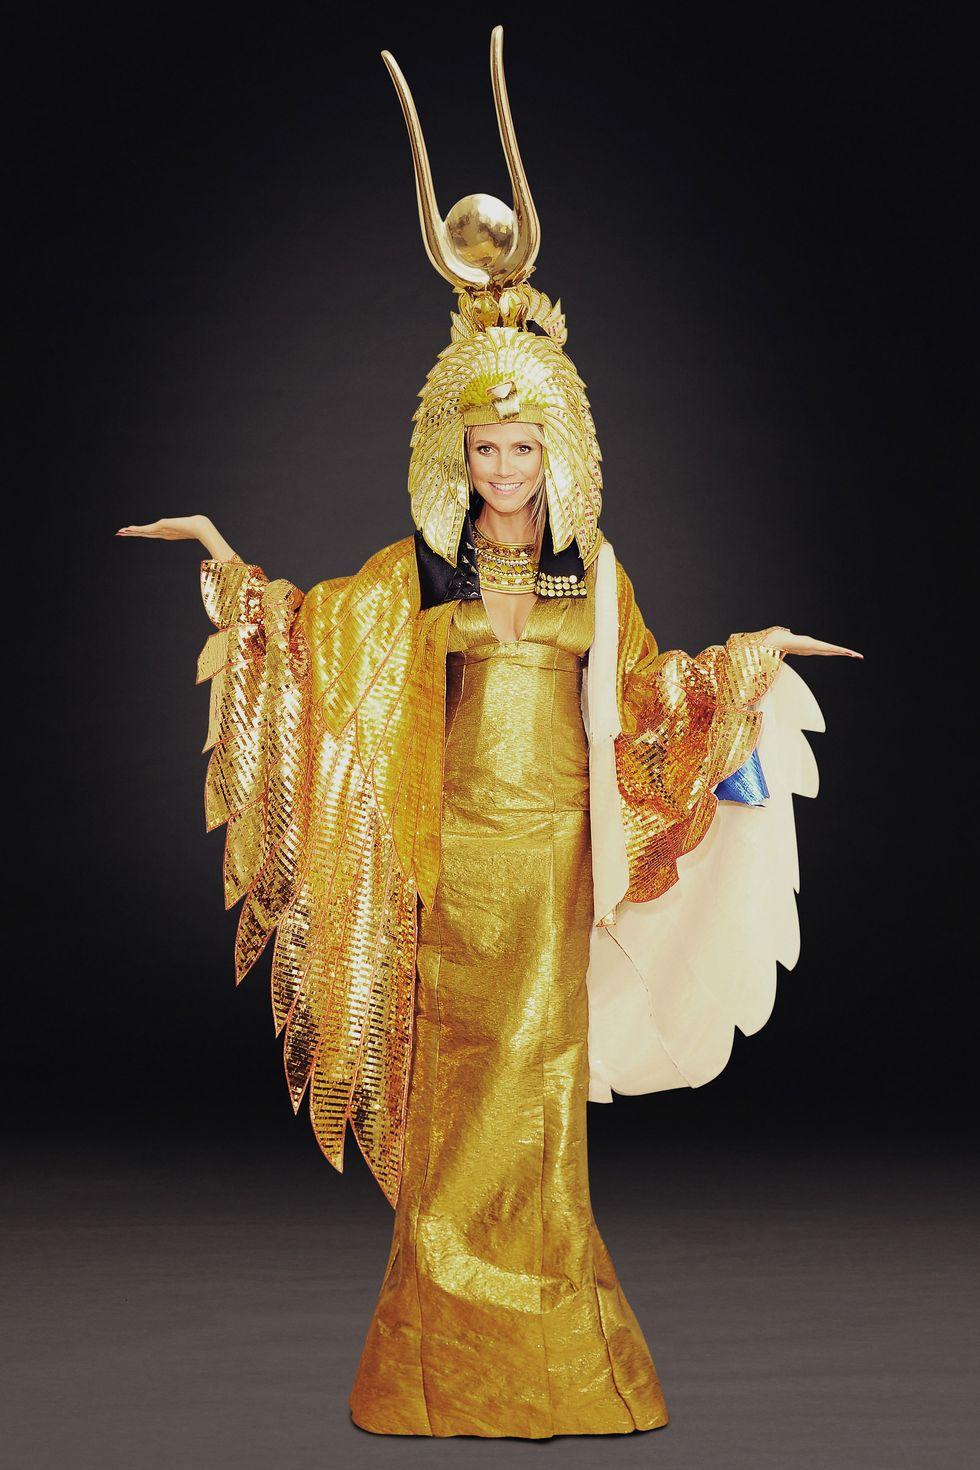 海蒂克隆「萬聖節女王」的歷年瘋狂造型 犯規「直接扮成自己」效果竟然超棒!